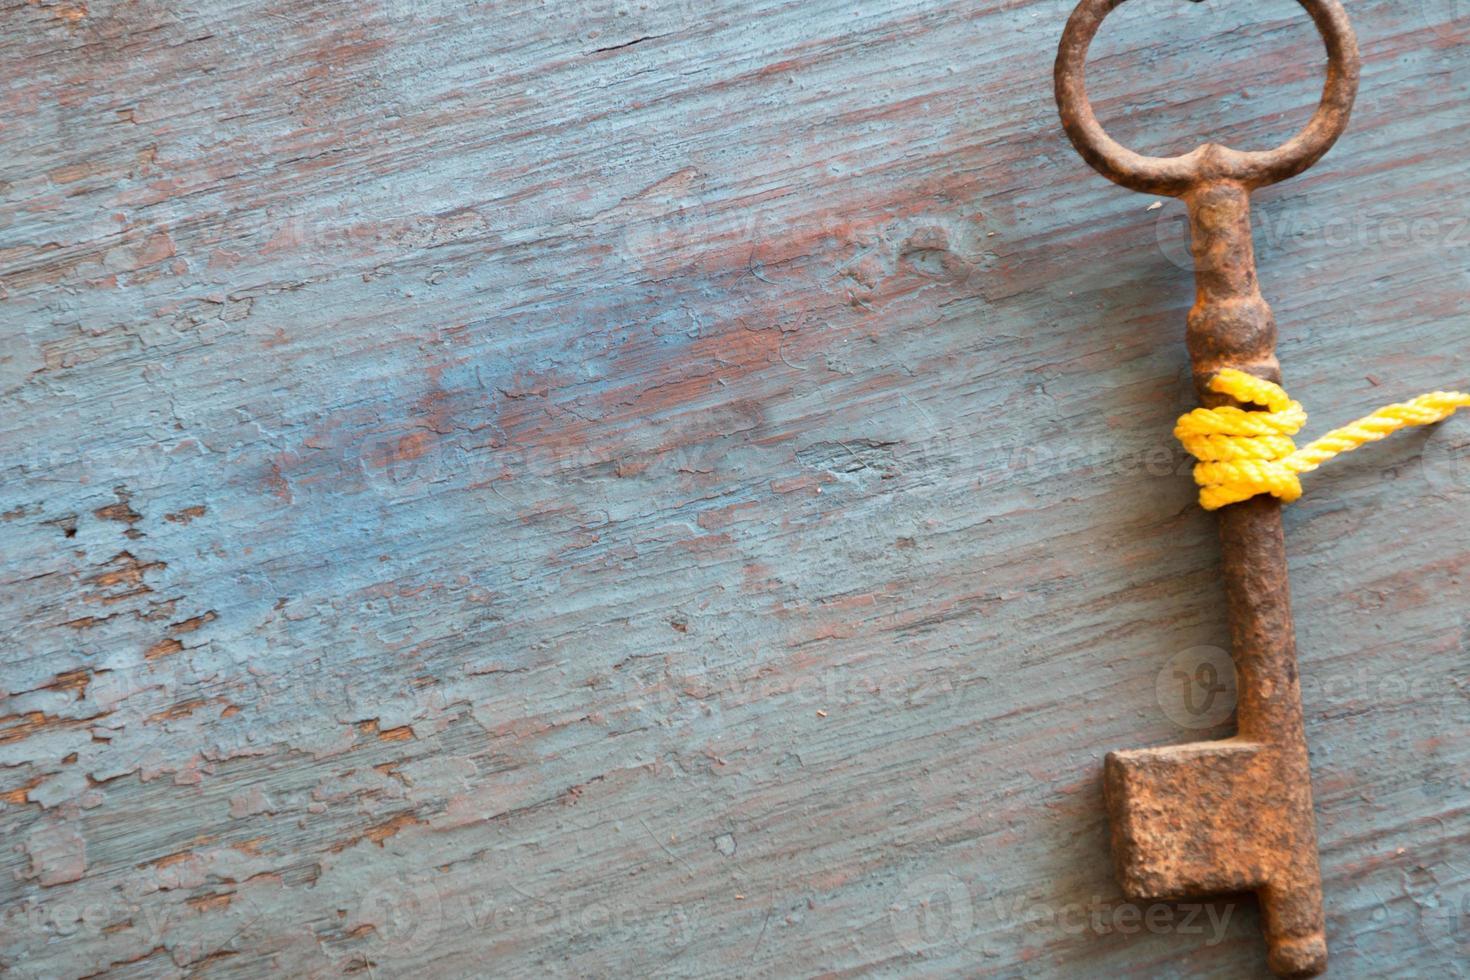 ancienne clé sur l'ancienne table en bois photo